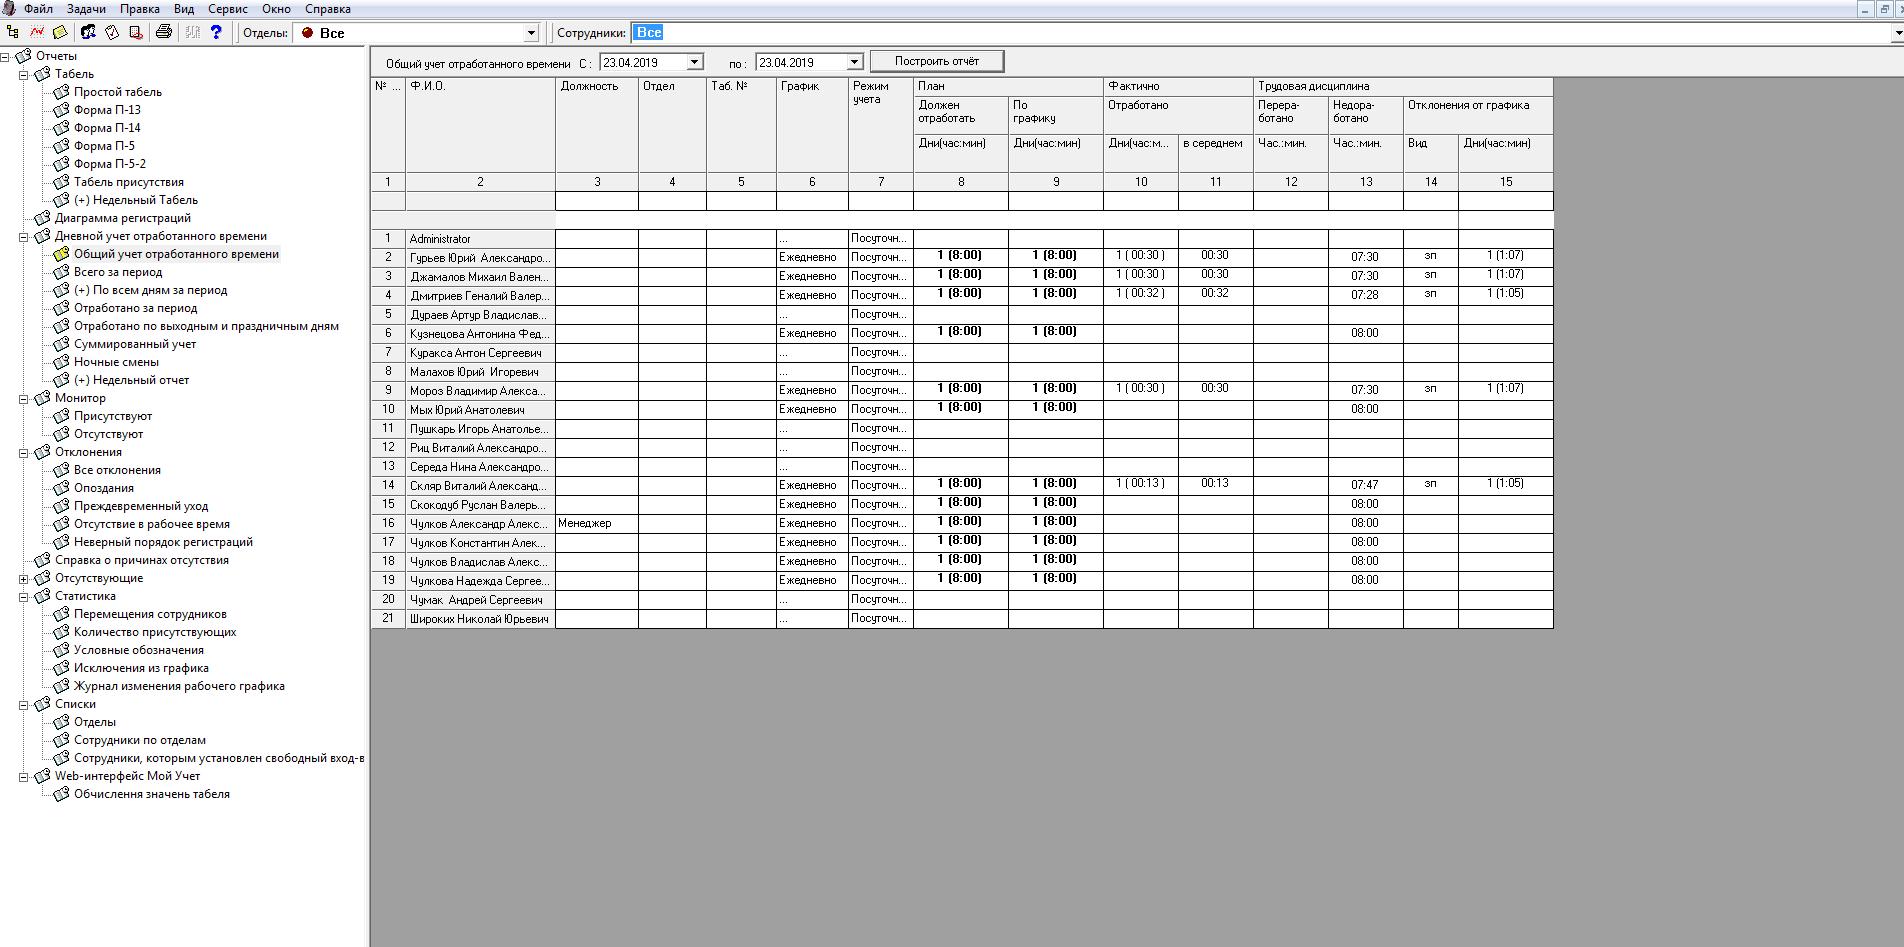 Система контроля доступа STOP-Net 4.0 - общий учет рабочего времени